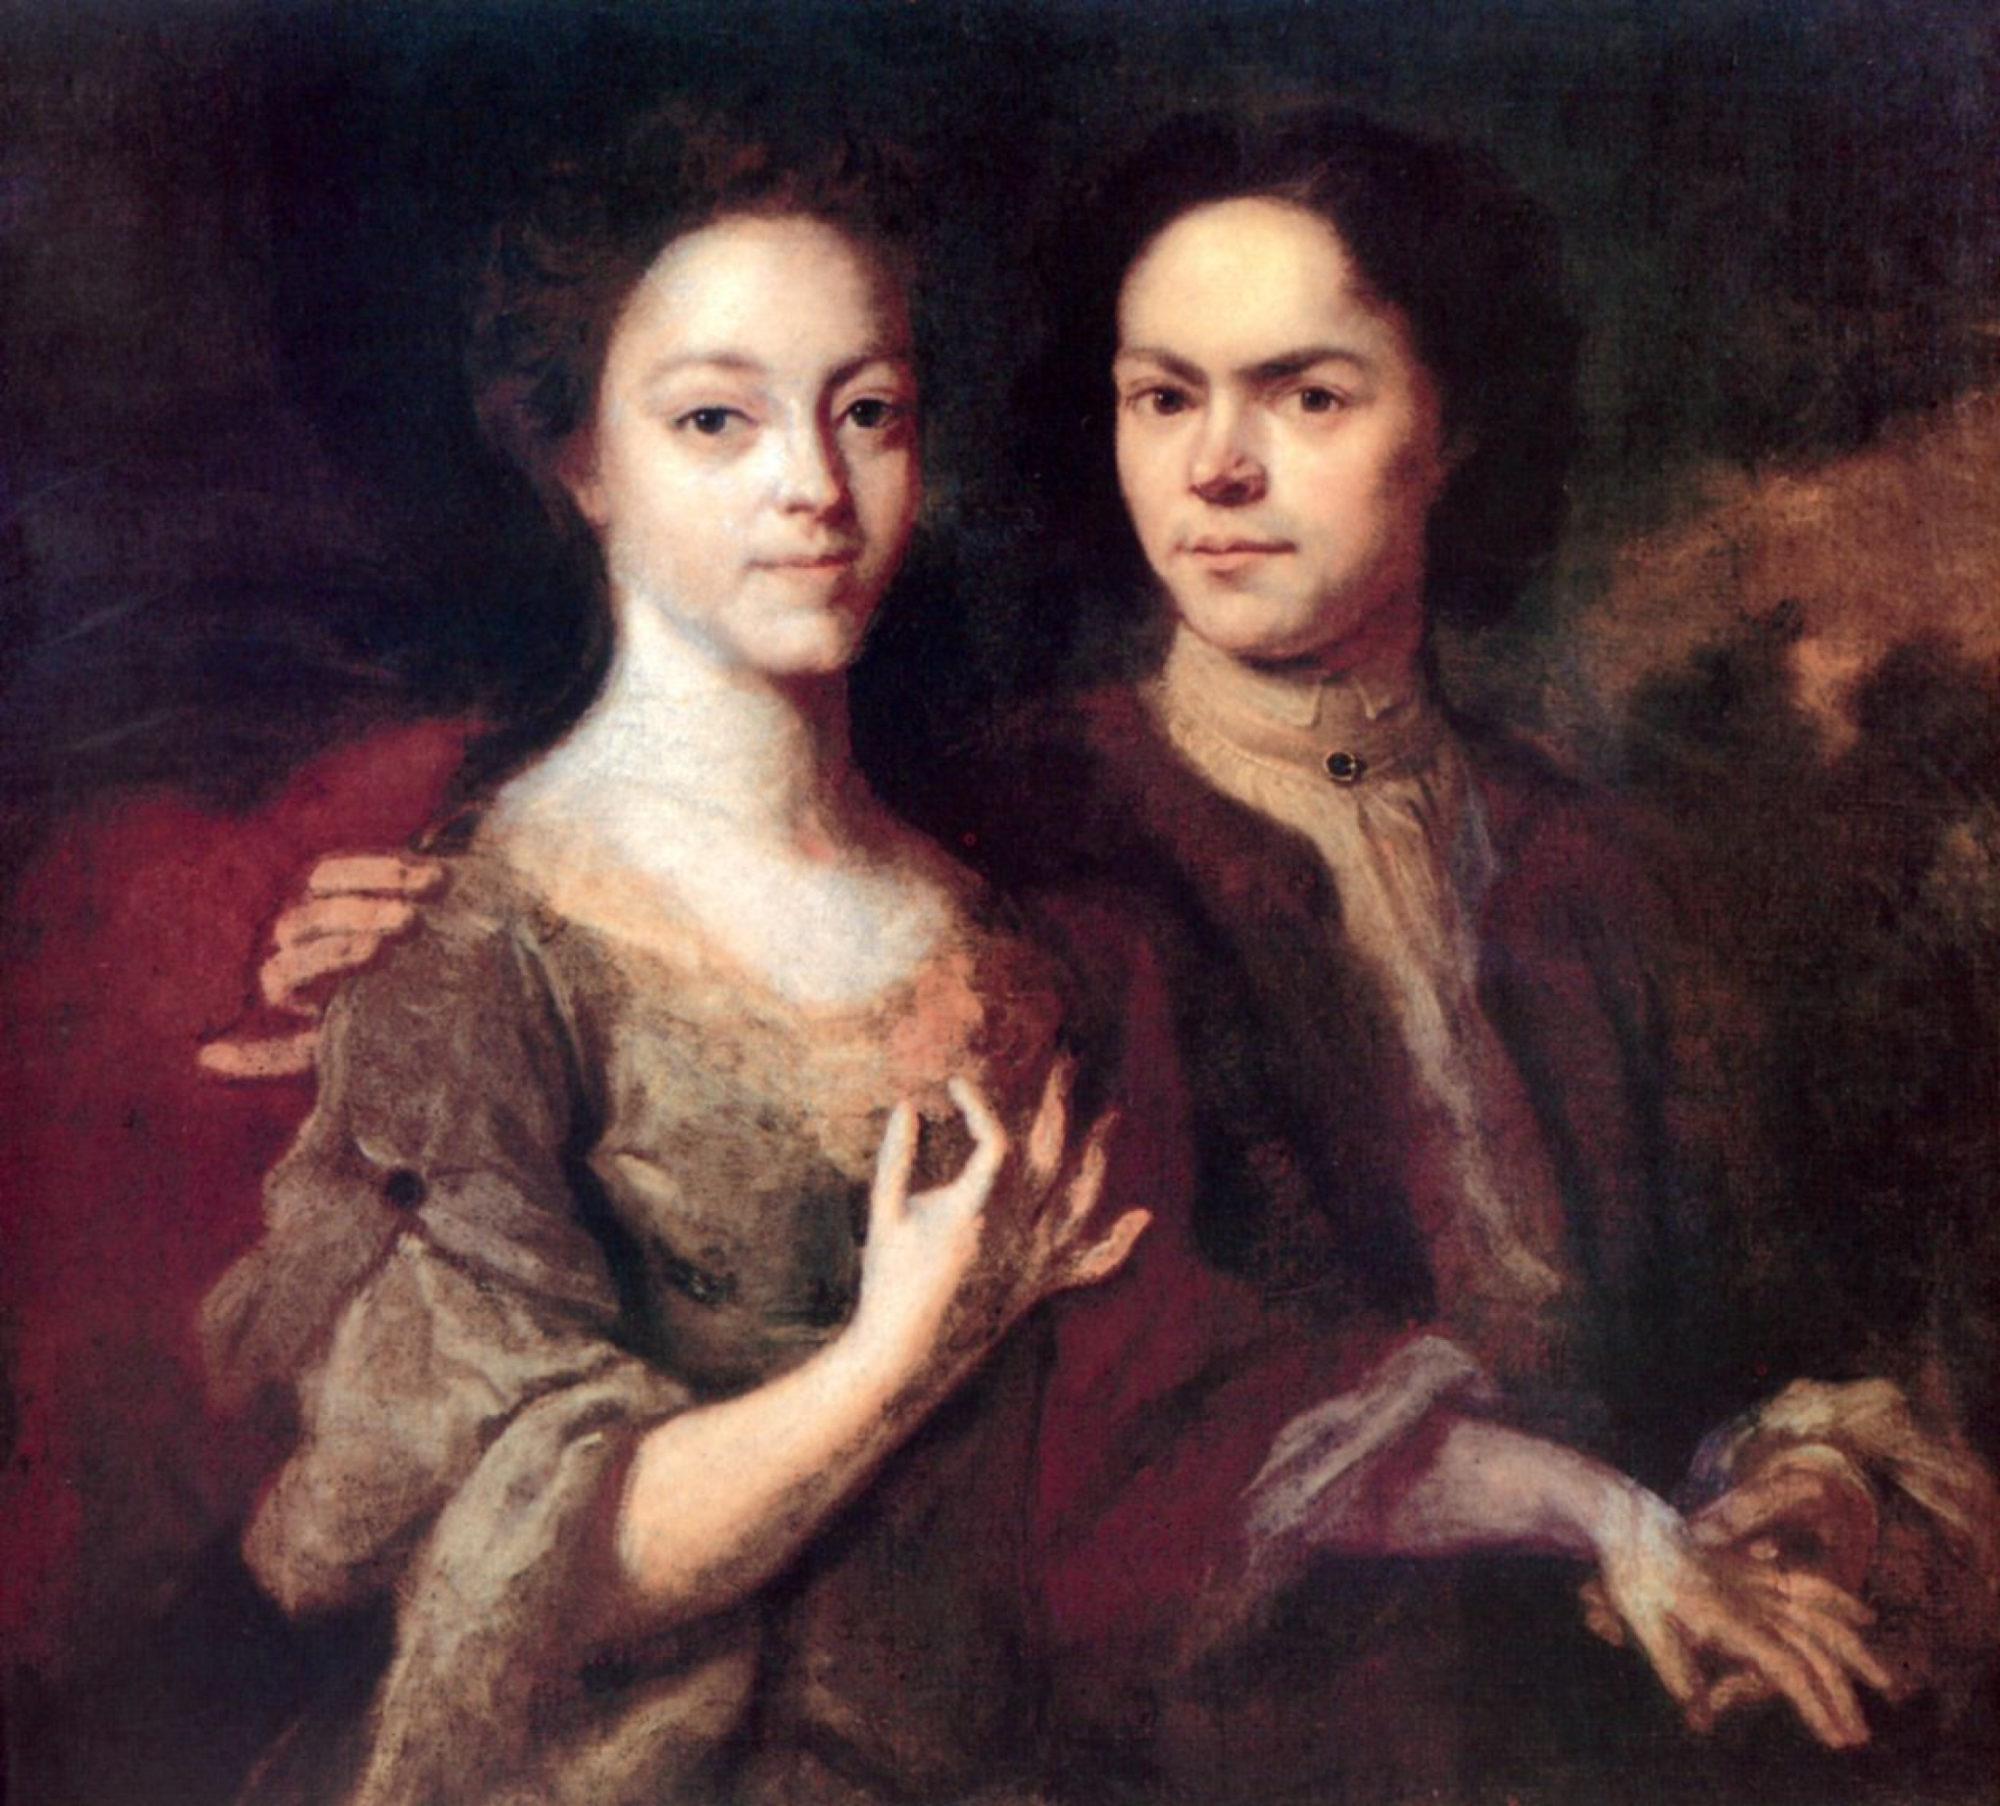 Андрей Матвеев, 1729 год, картина «Автопортрет с женой».